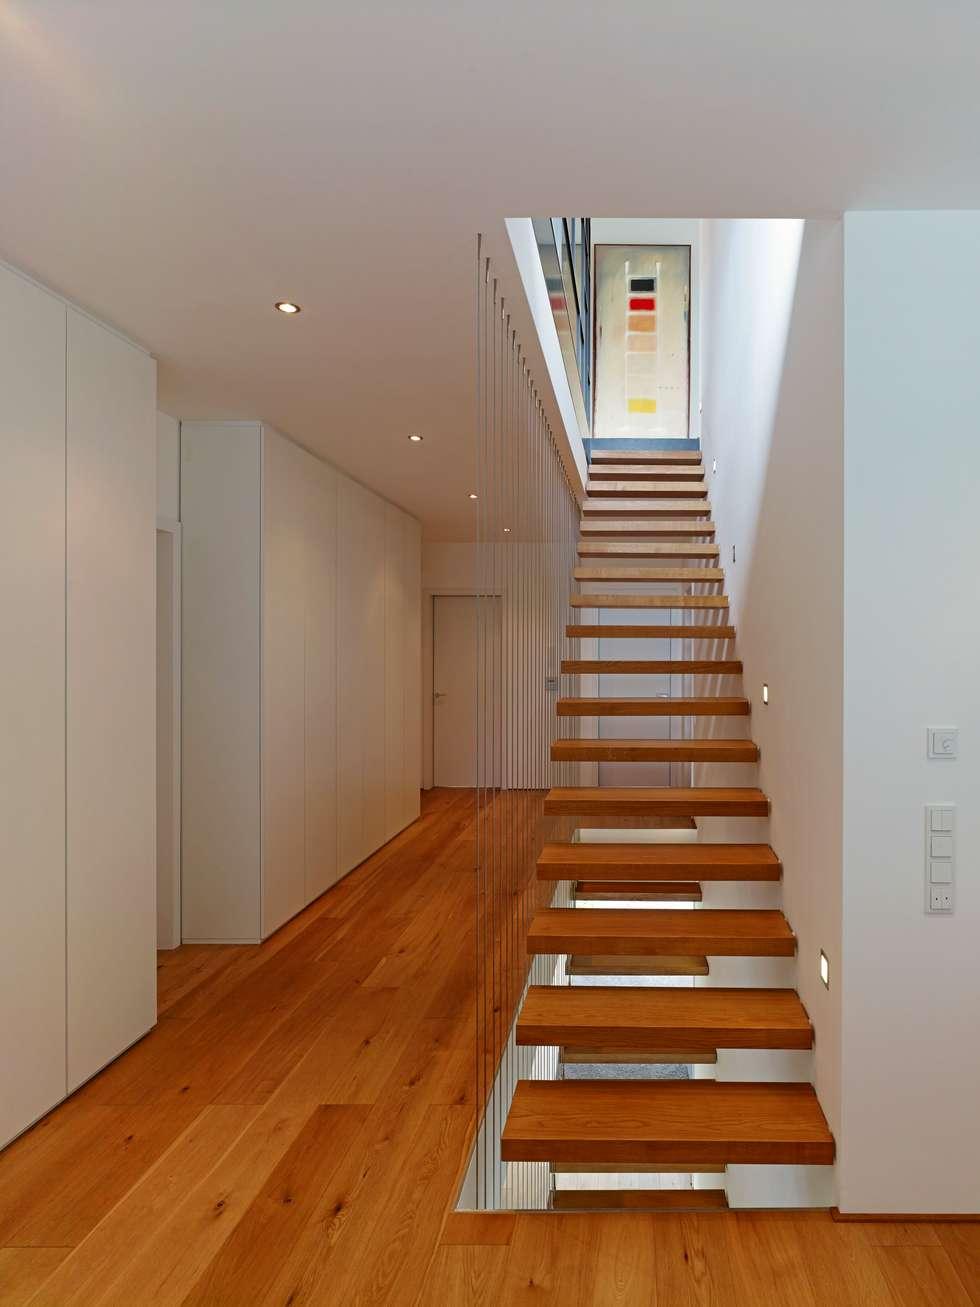 Offene Treppen wohnideen interior design einrichtungsideen bilder homify